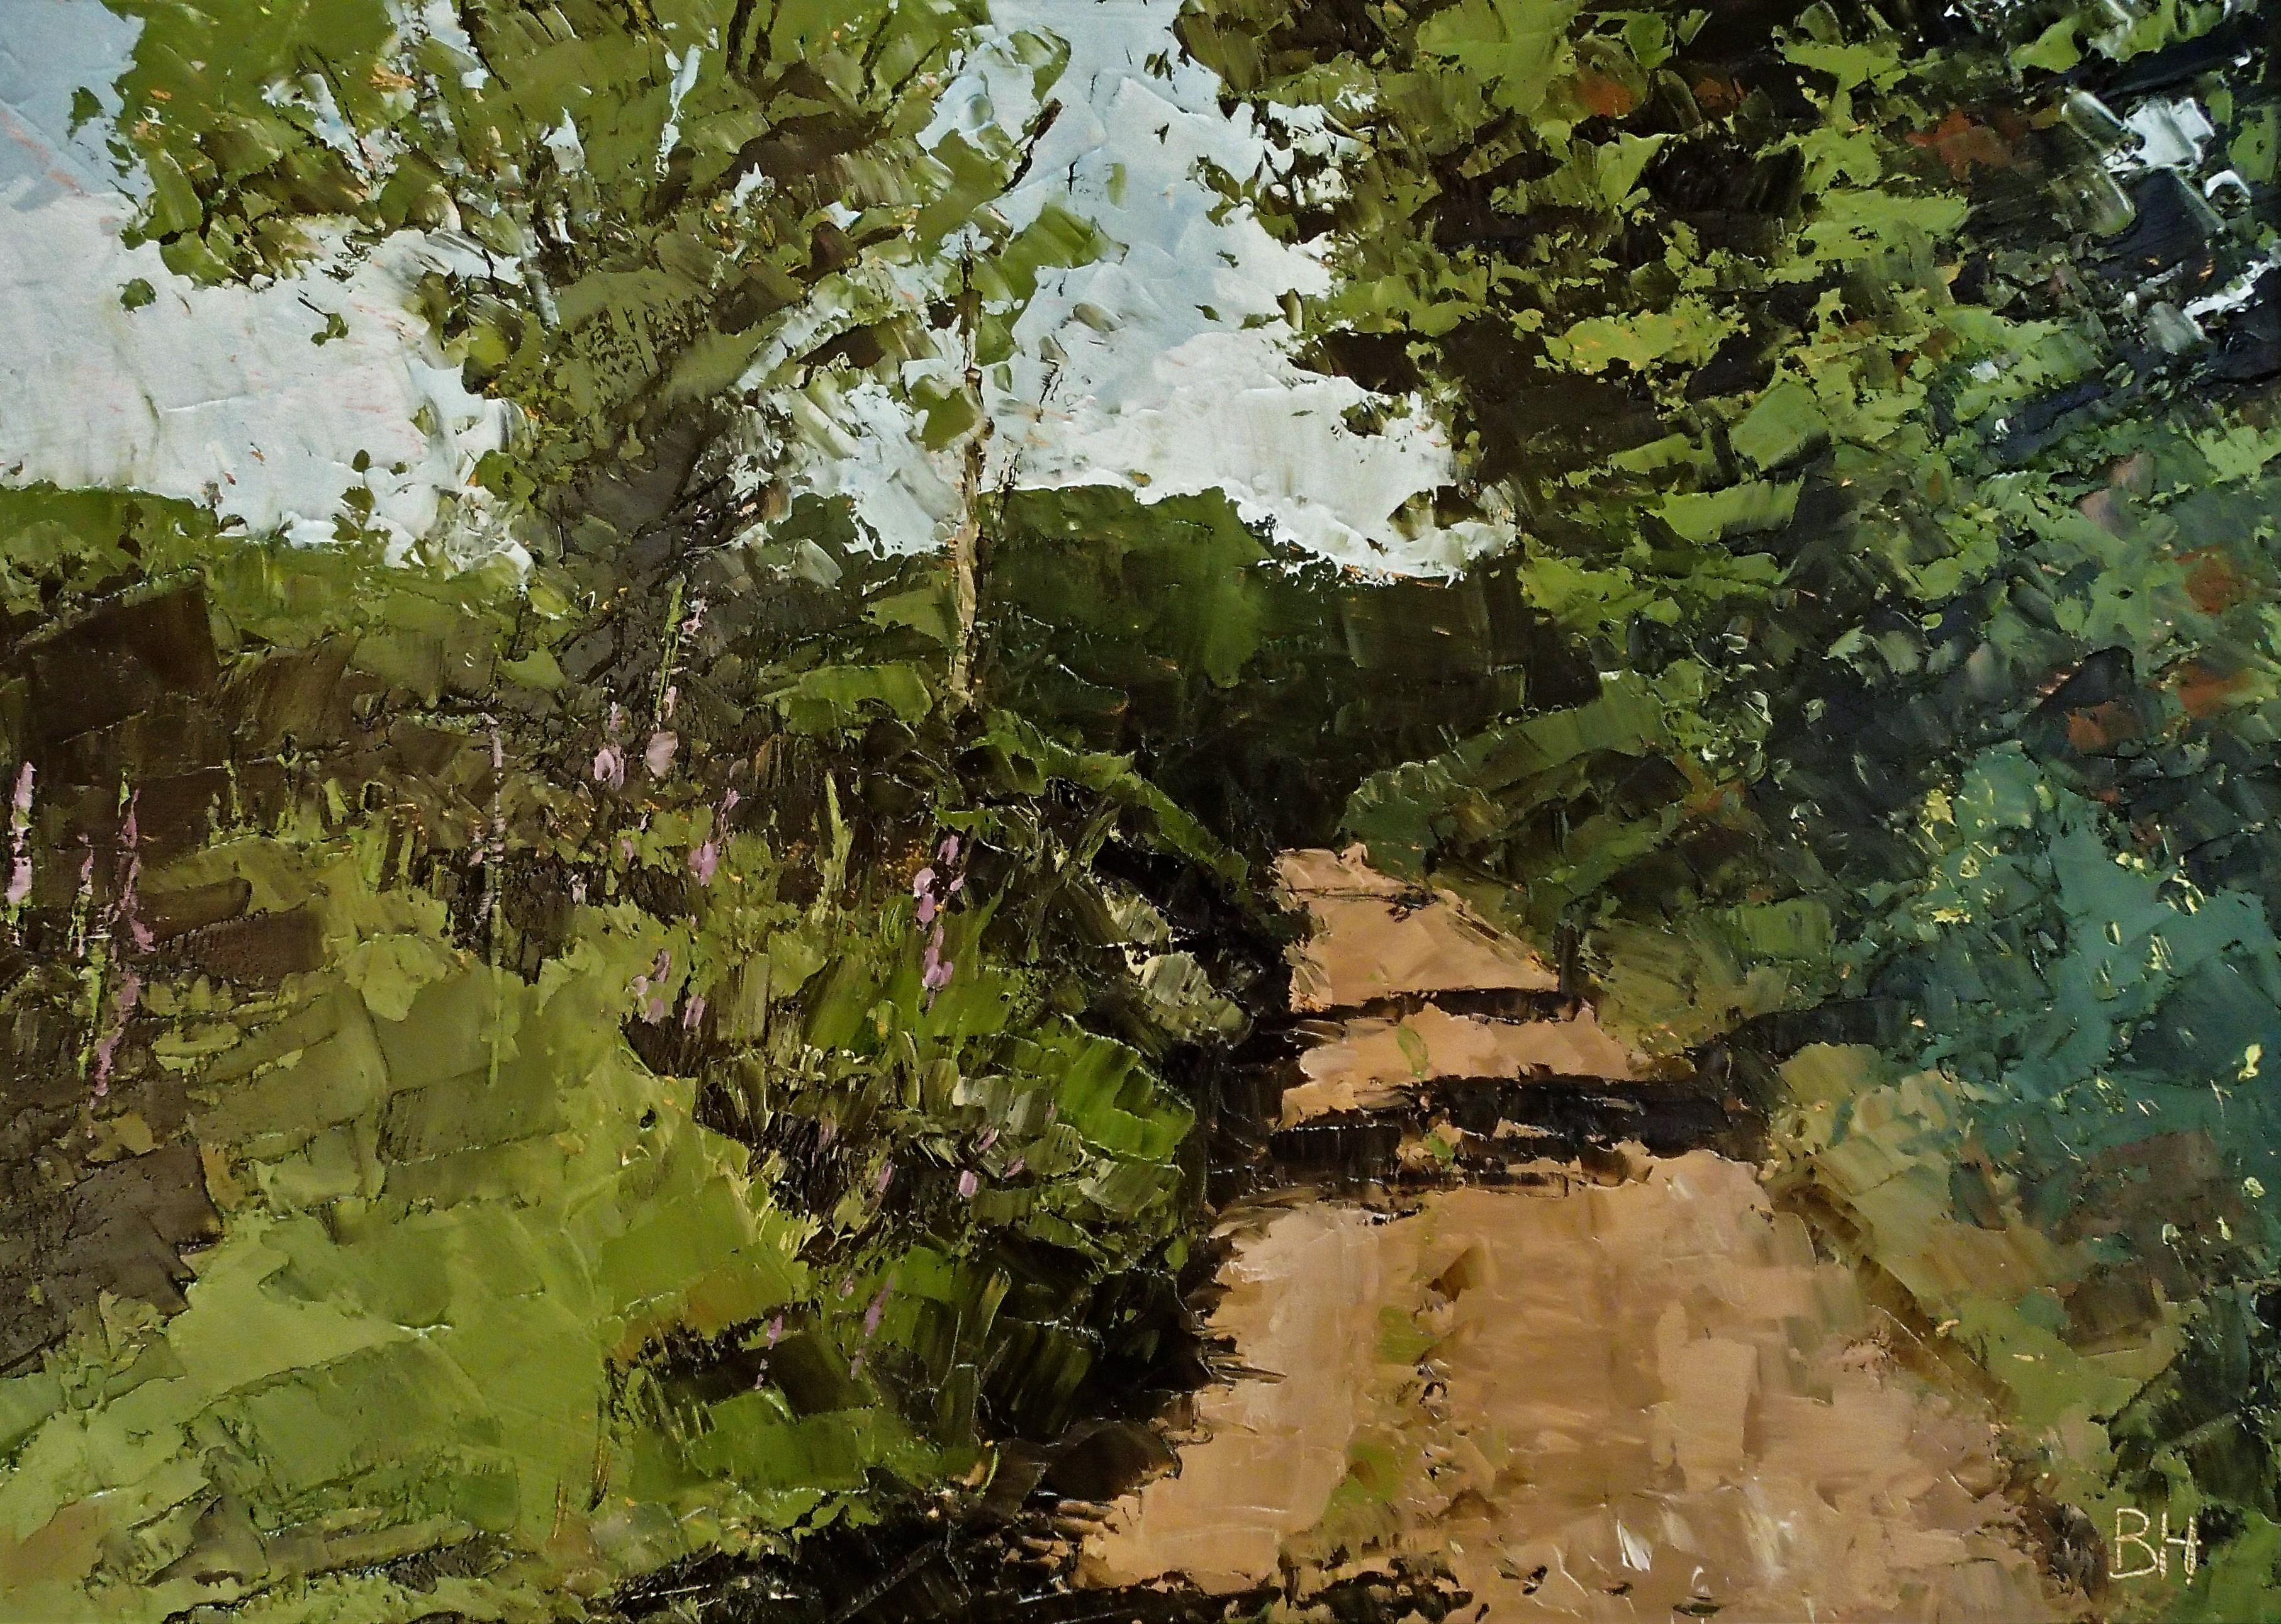 Lane in June